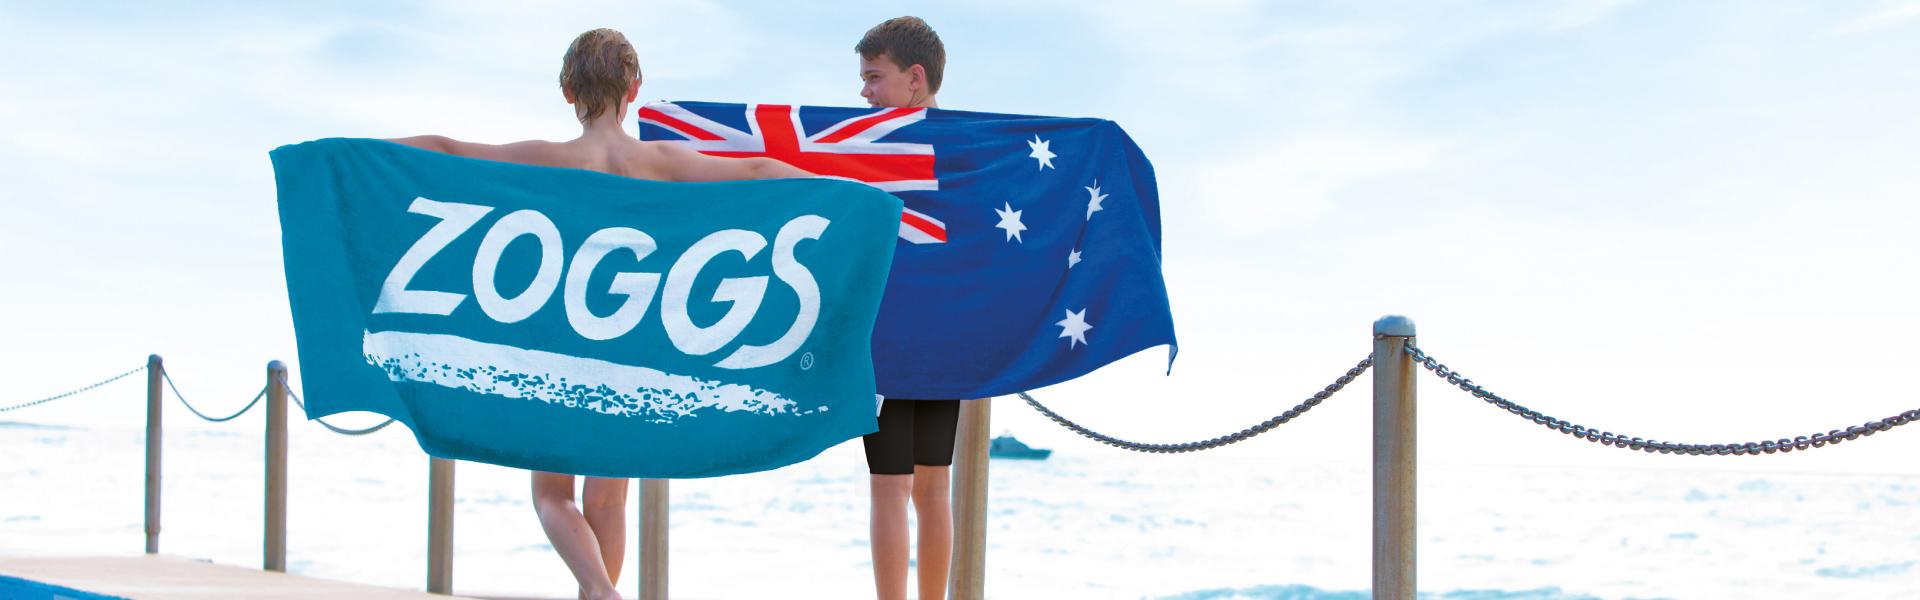 Man Vs Ocean: Zoggs Open Water Swim Ambassador Adam Walker Launches Autobiography